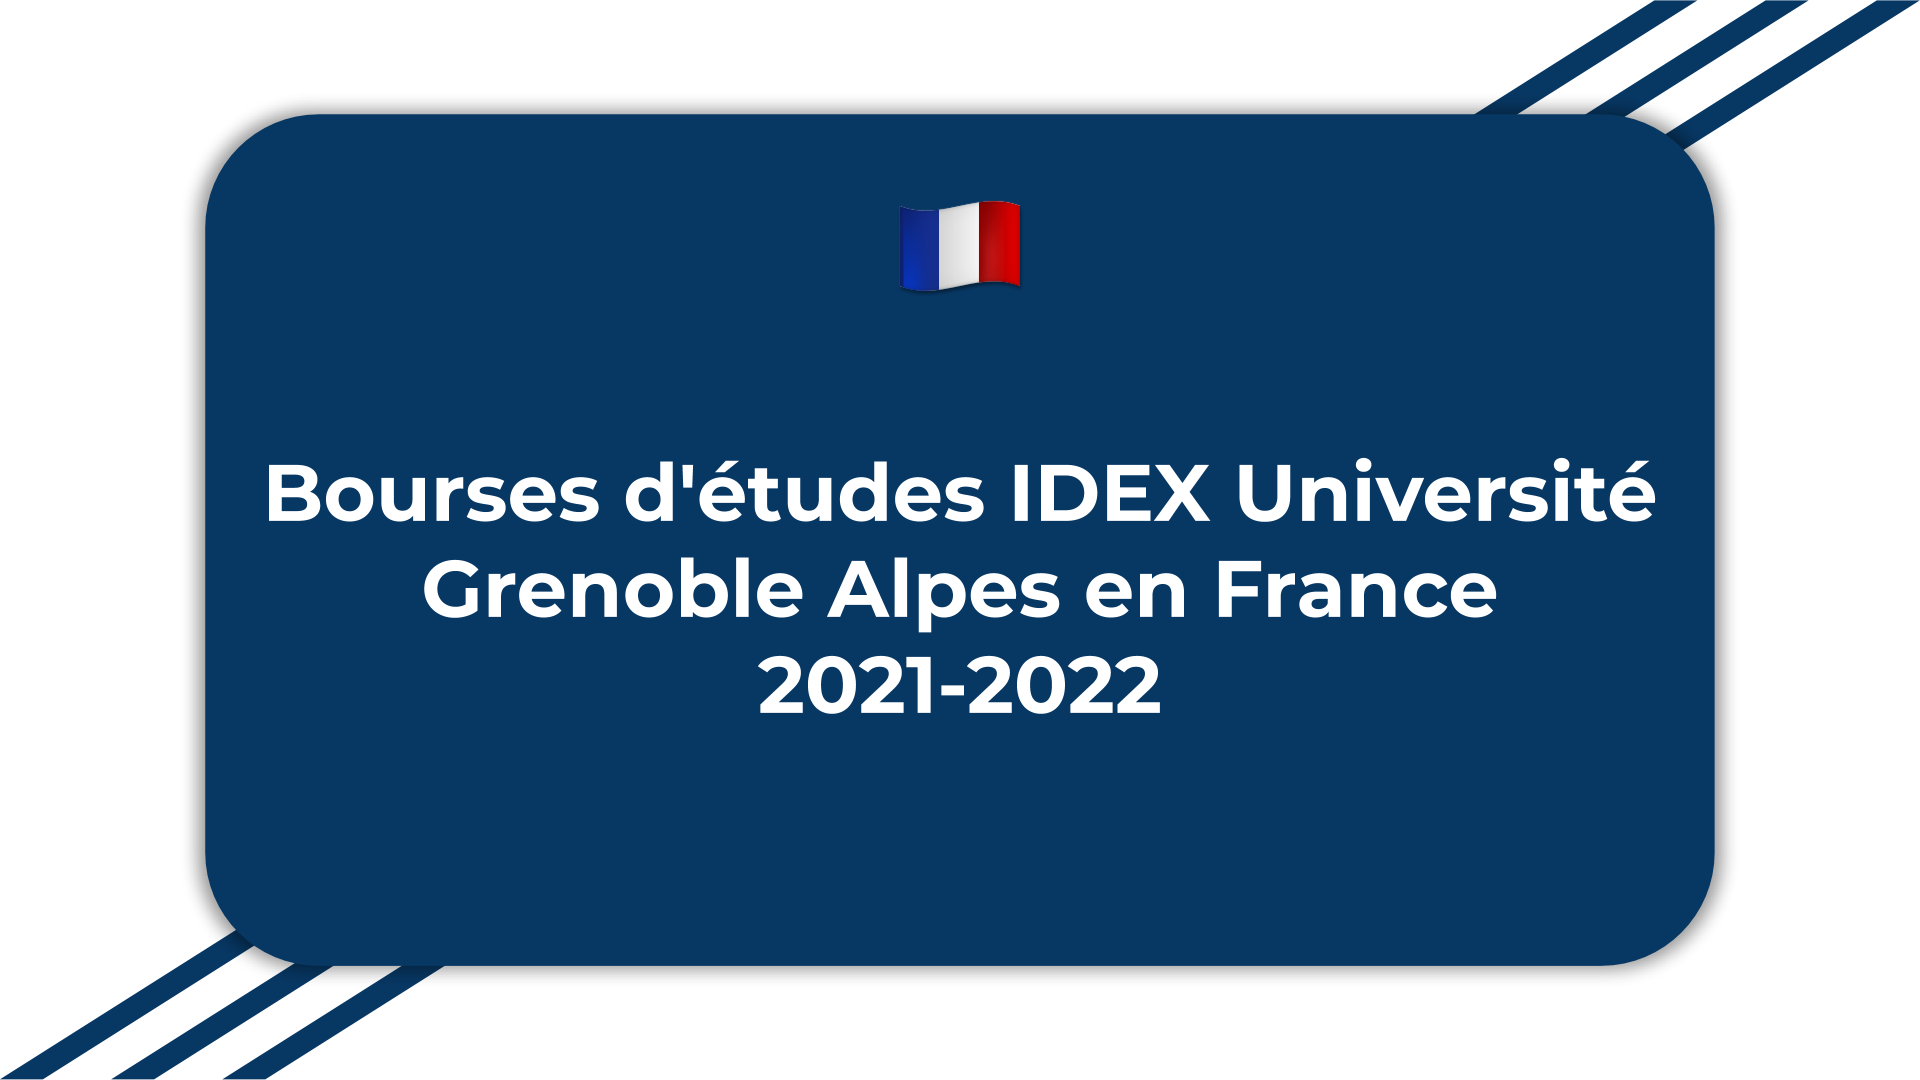 Bourses d'études IDEX Université Grenoble Alpes